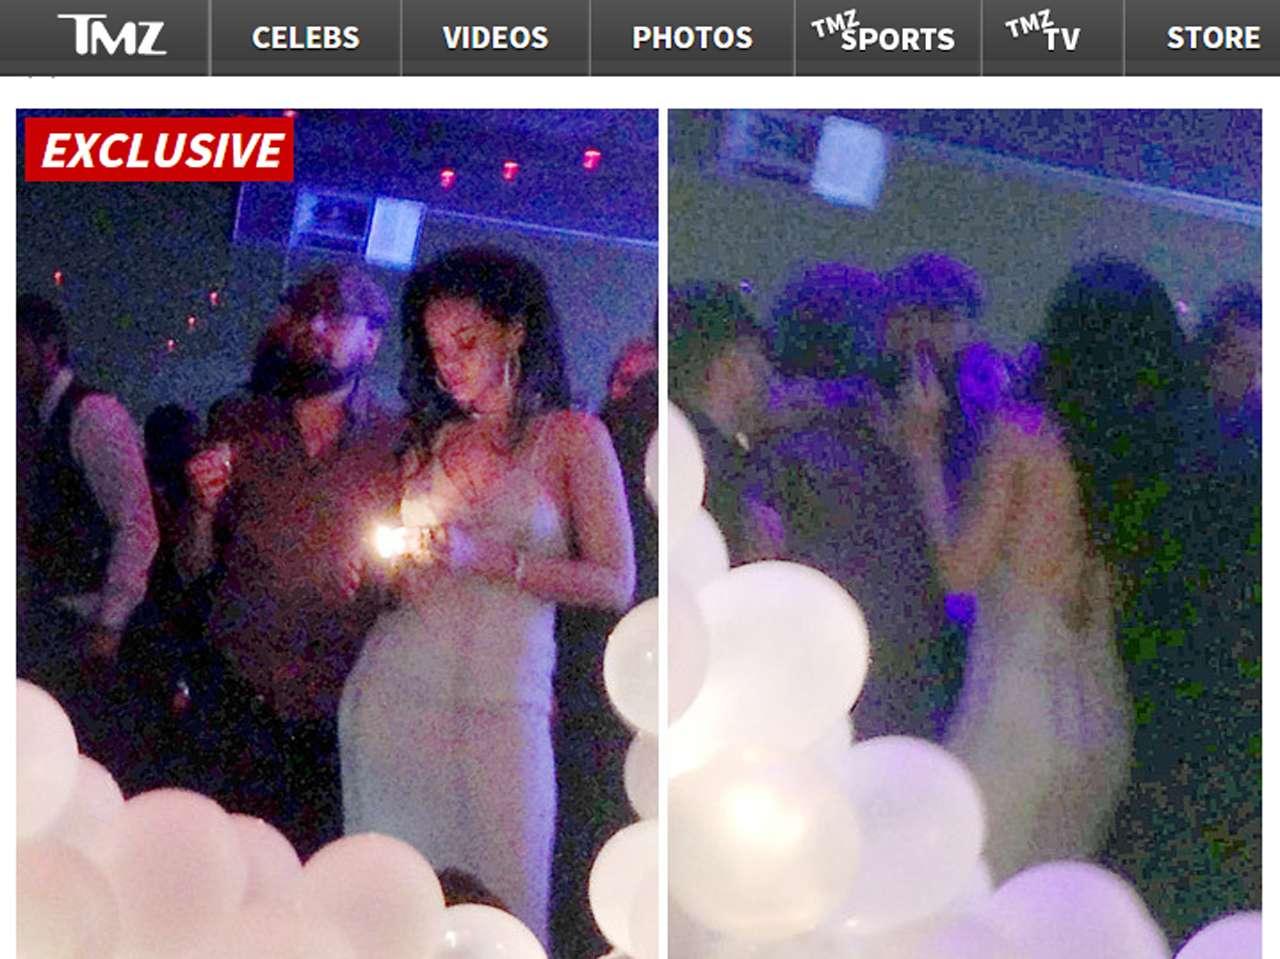 Leonardo DiCaprio organizó la fiesta de cumpleaños de Rihanna. Foto: TMZ